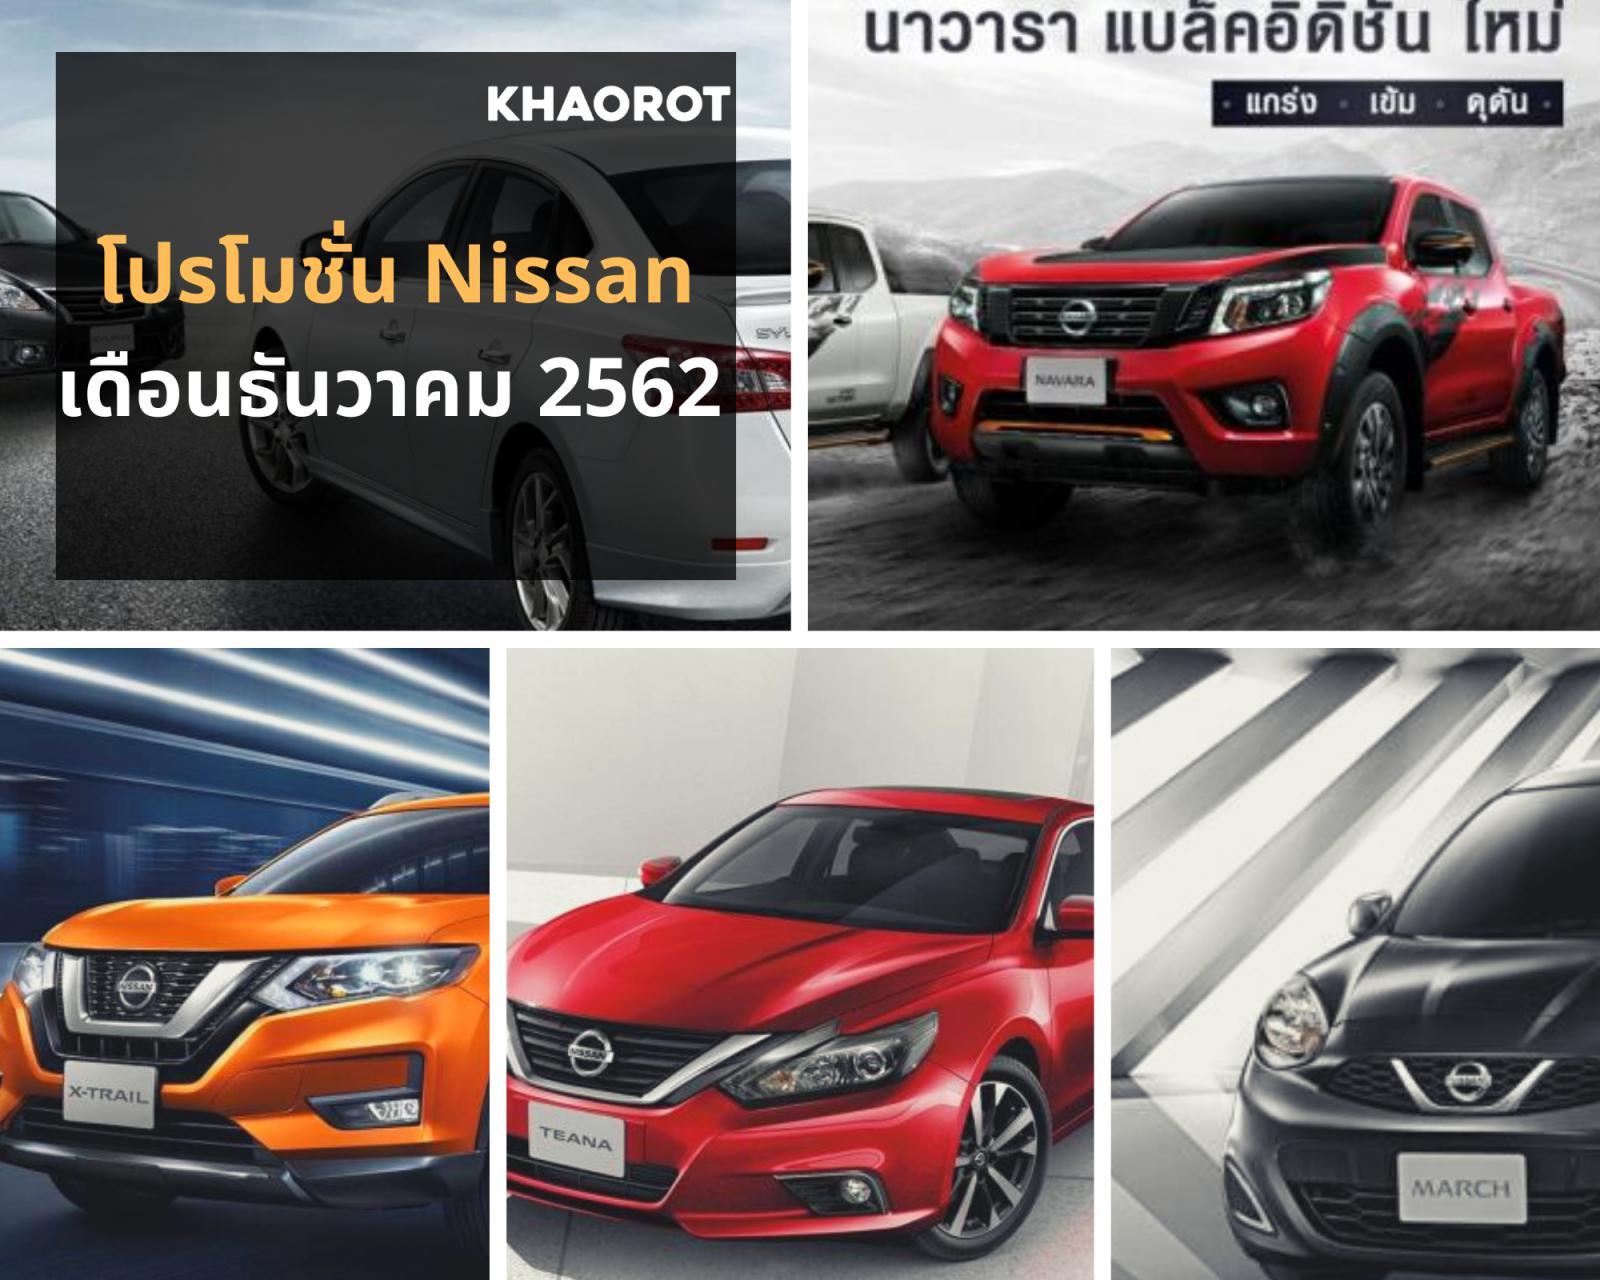 โปรโมชั่น Nissan เดือนธันวาคม 2562